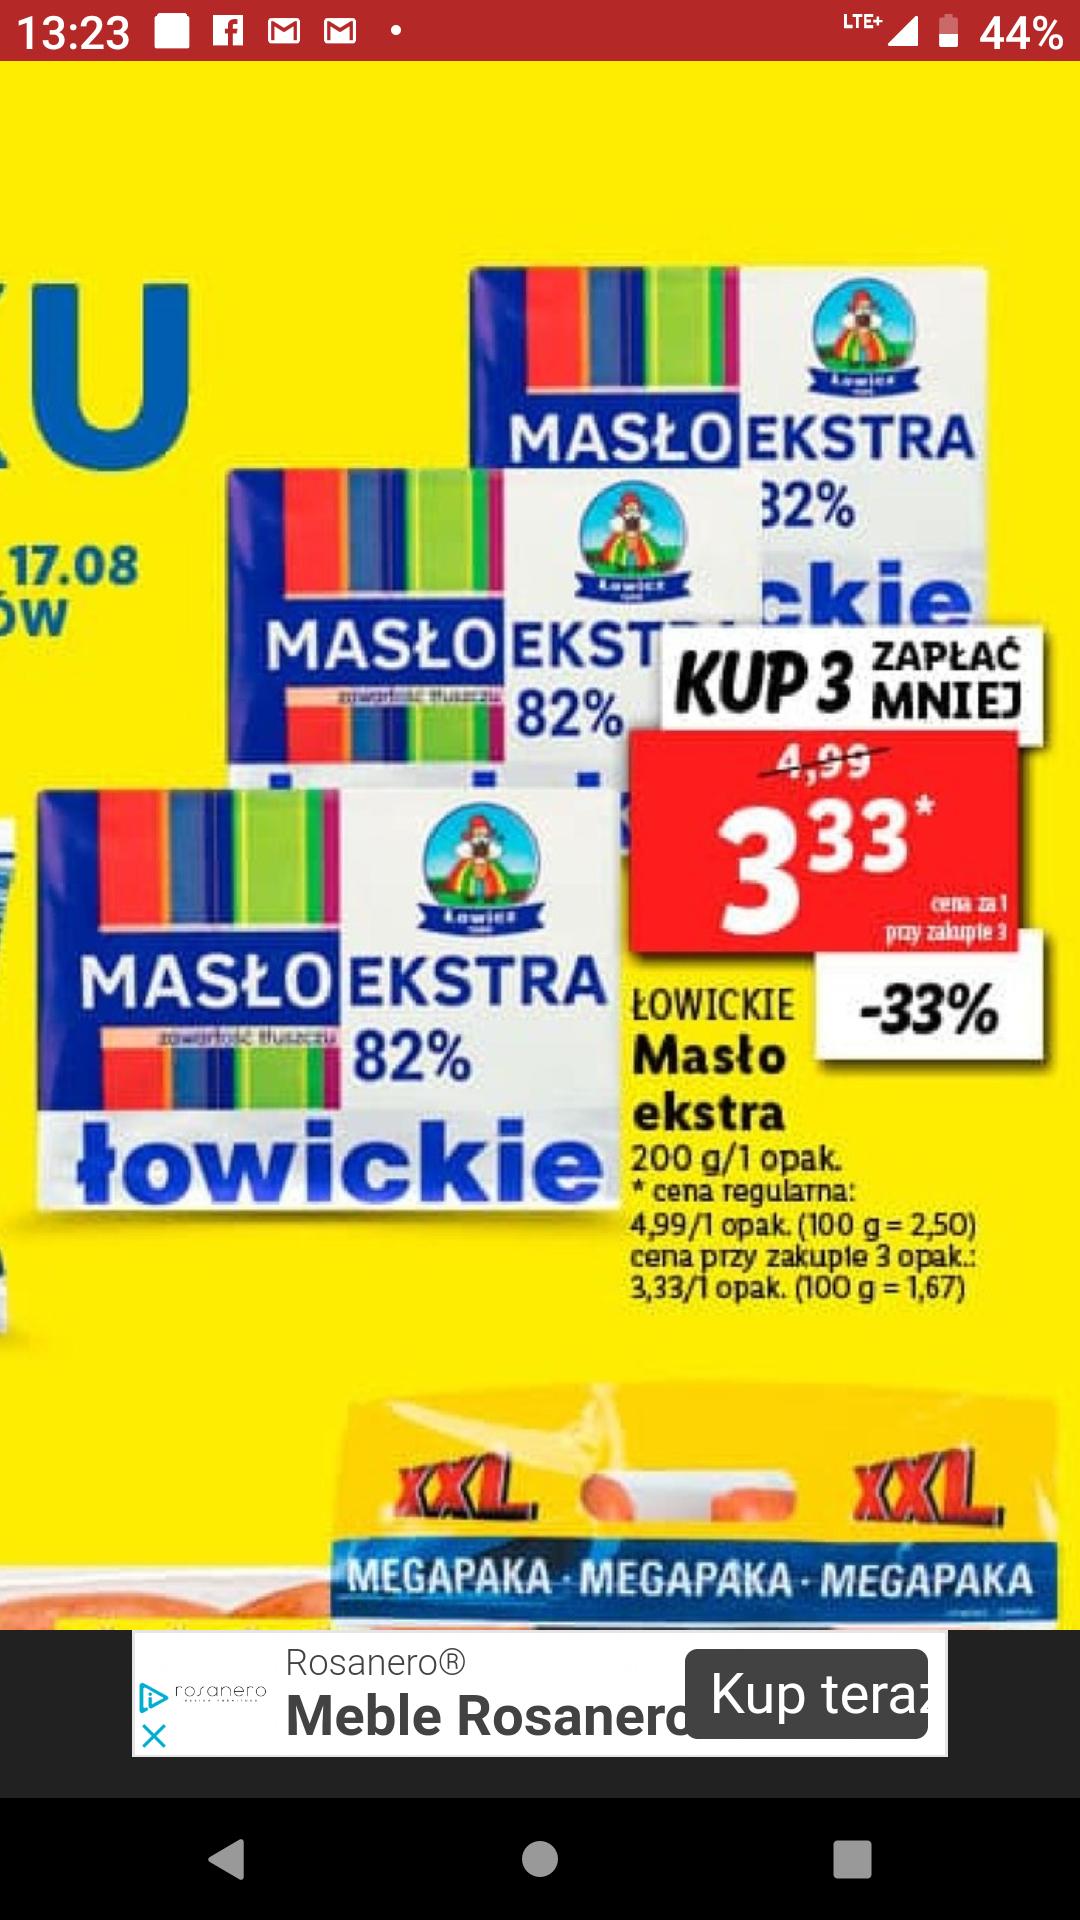 Masło Extra Łowickie 82% Maslo @ Lidl